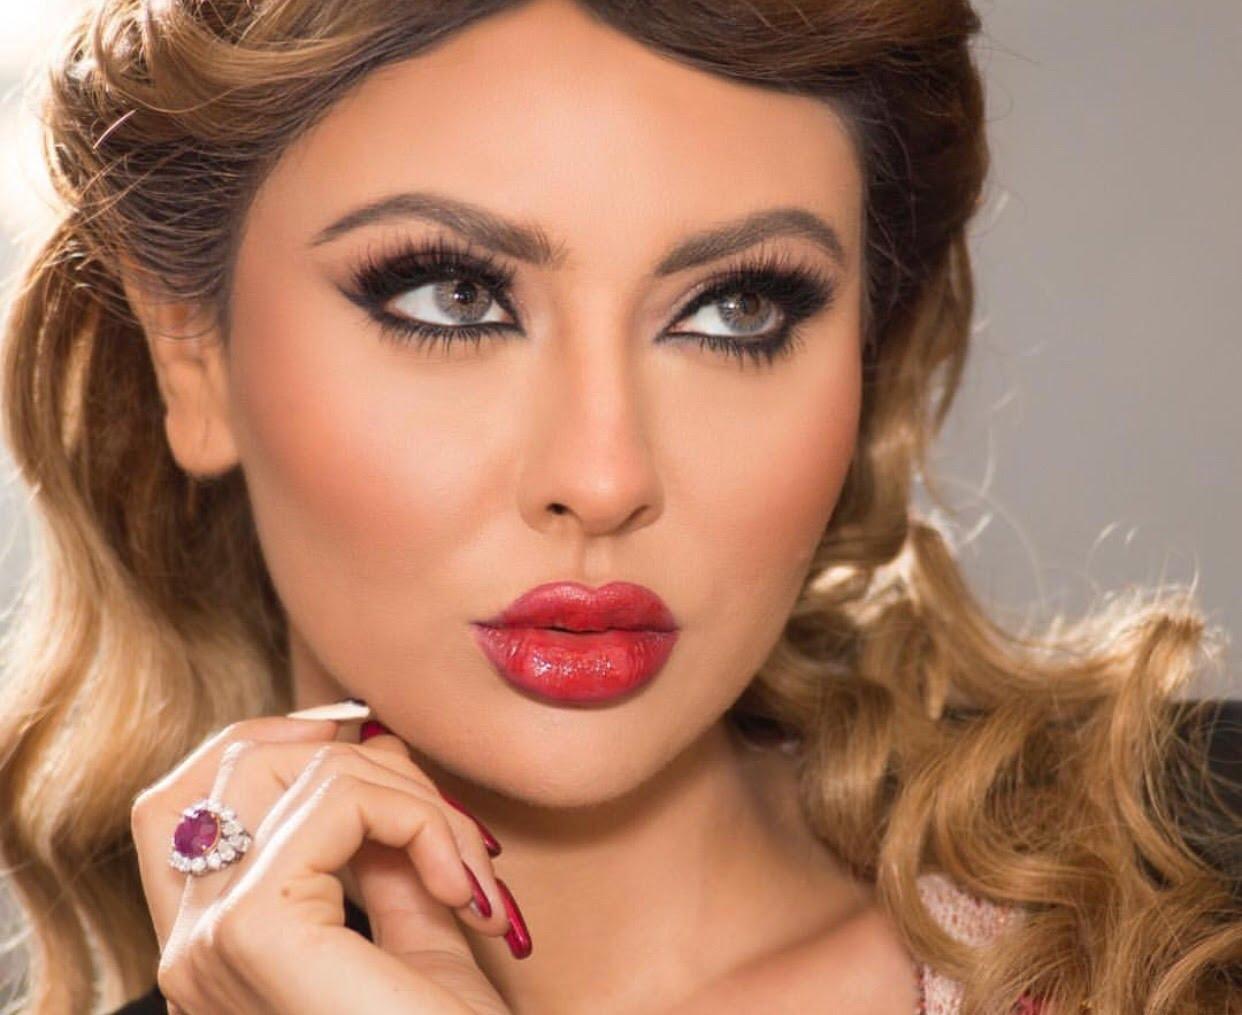 صوره اجمل نساء عربيات , نساء العرب متالقات و جميلات دائما